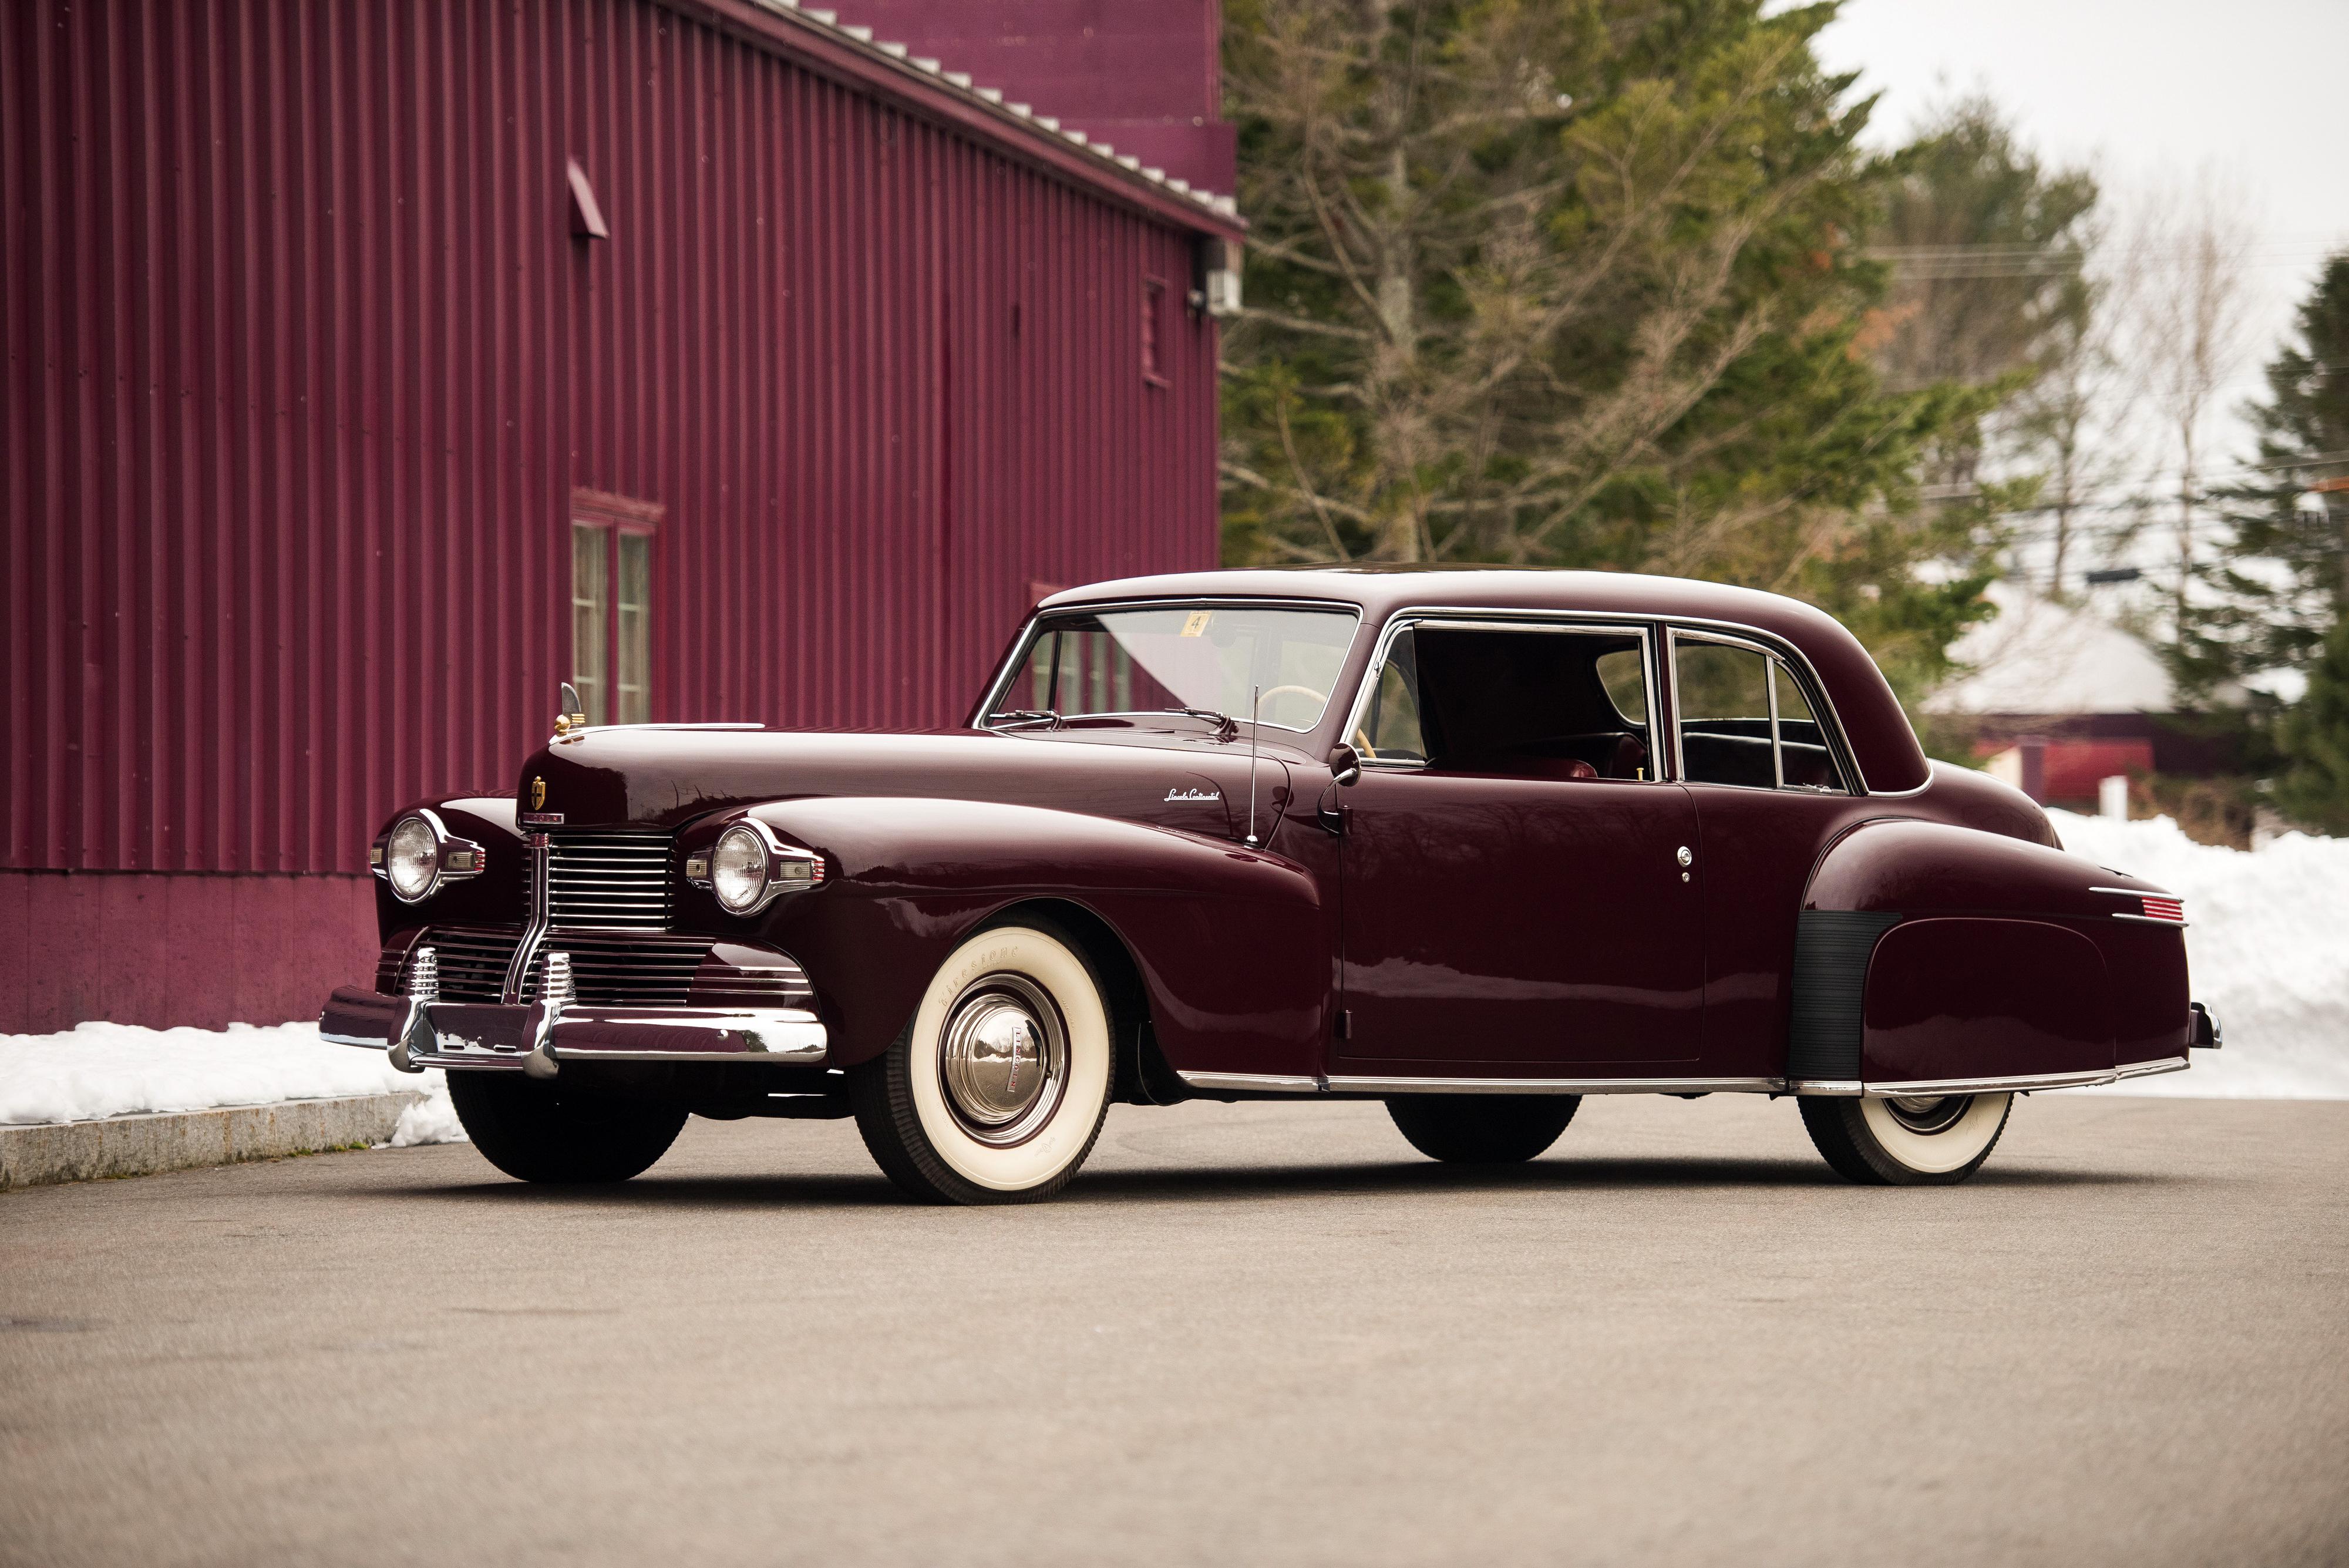 Картинка Lincoln 1942 Continental Coupe бордовая старинные авто Металлик Ретро Винтаж бордовые Бордовый темно красный машина машины автомобиль Автомобили